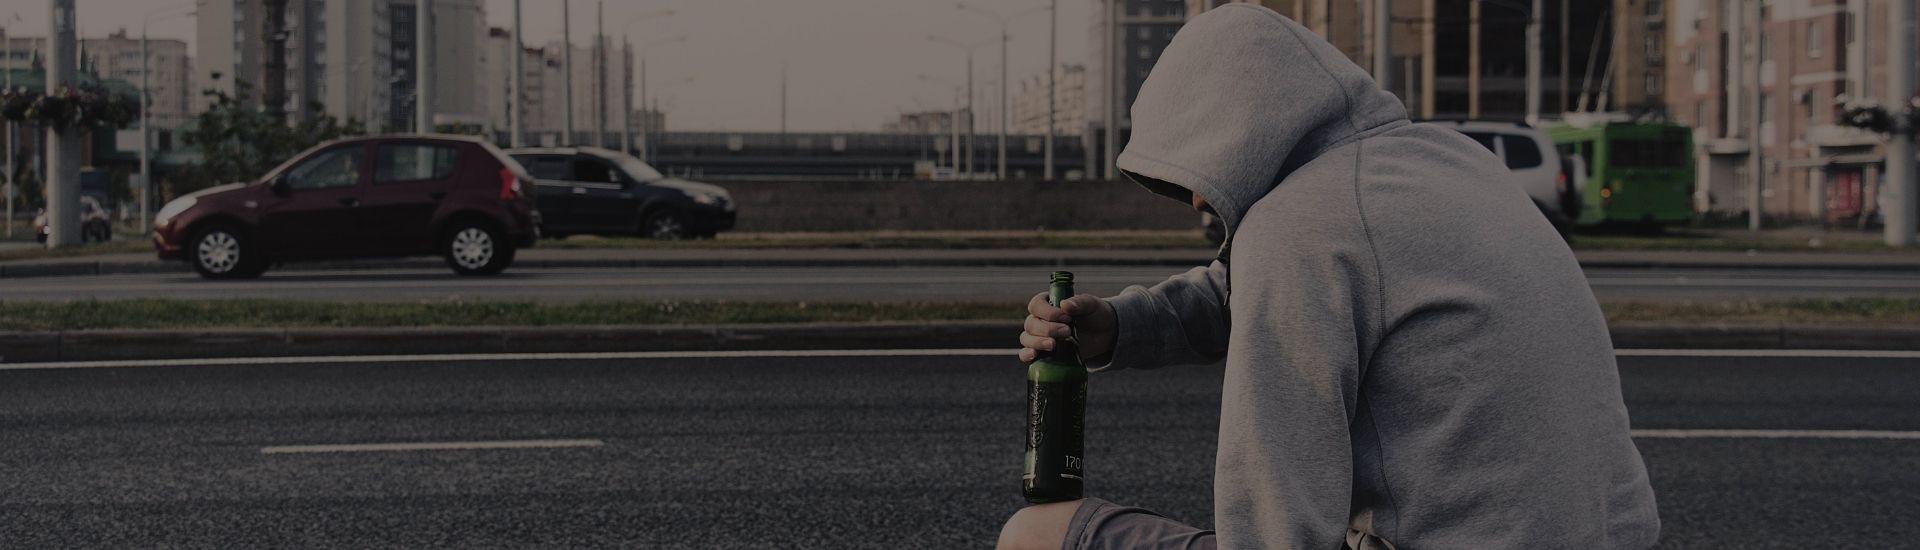 Cambia il modo di consumare alcolici da parte dei più giovani